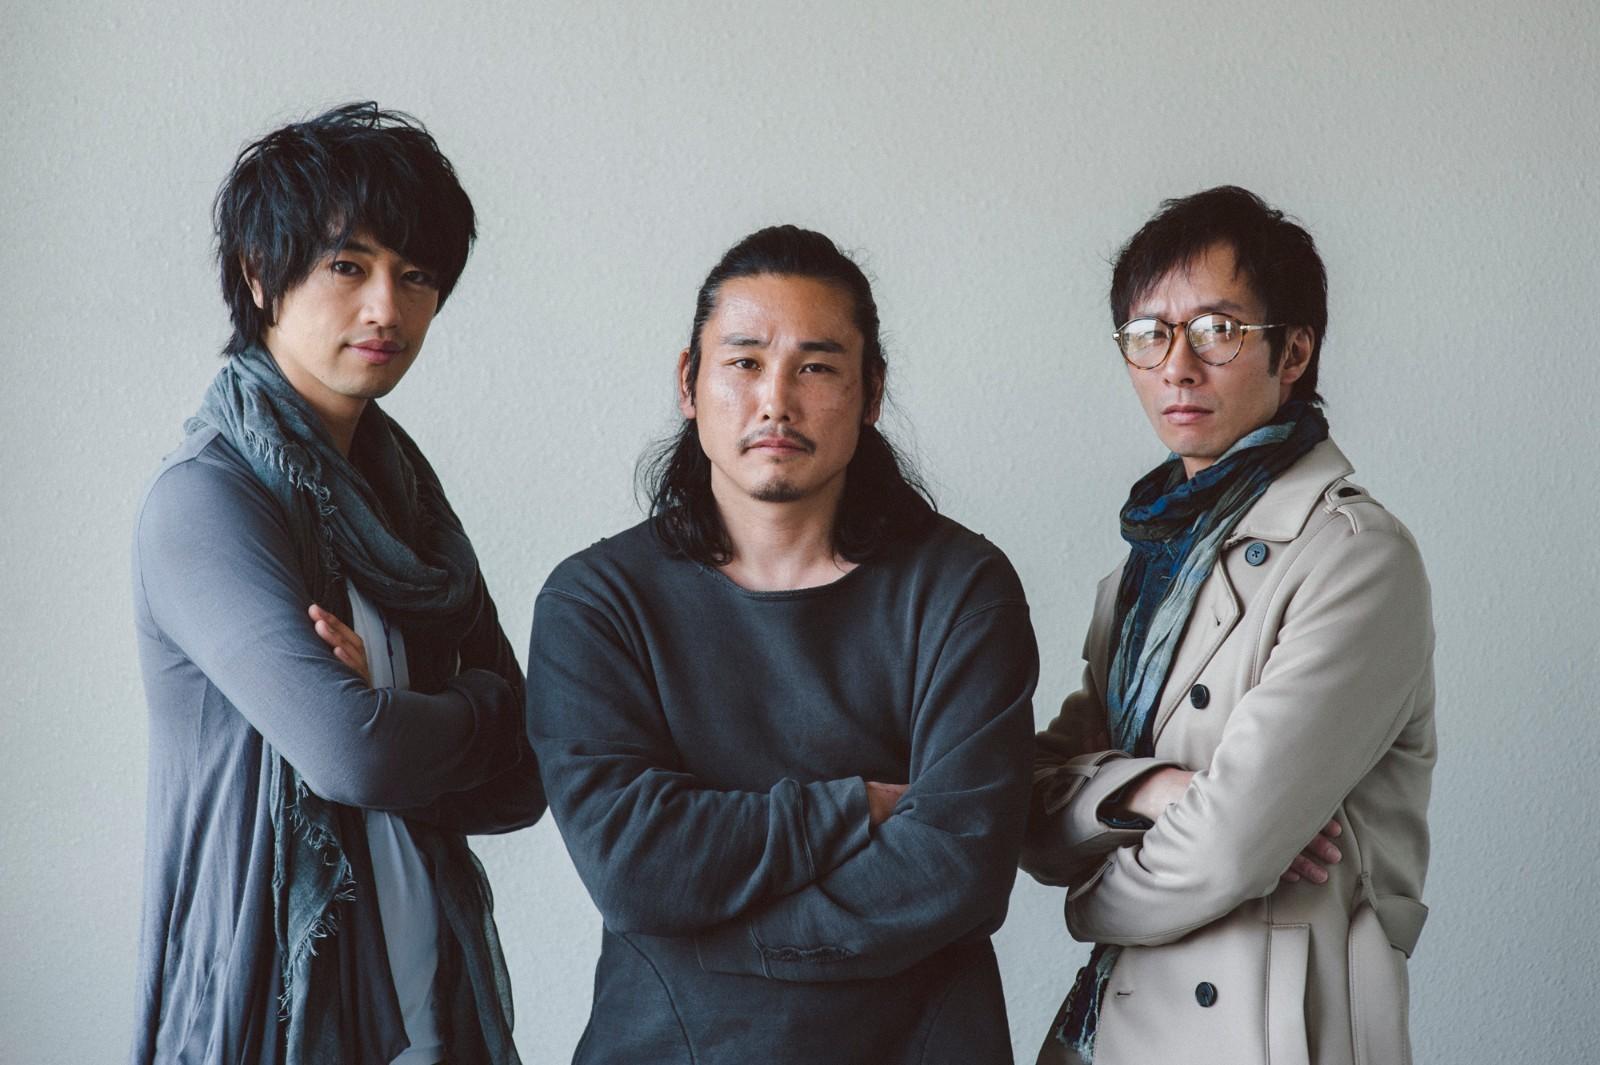 左から、斎藤工、TAK∴(坂口拓)、いしだ壱成 (C)「リボーン」製作実行委員会